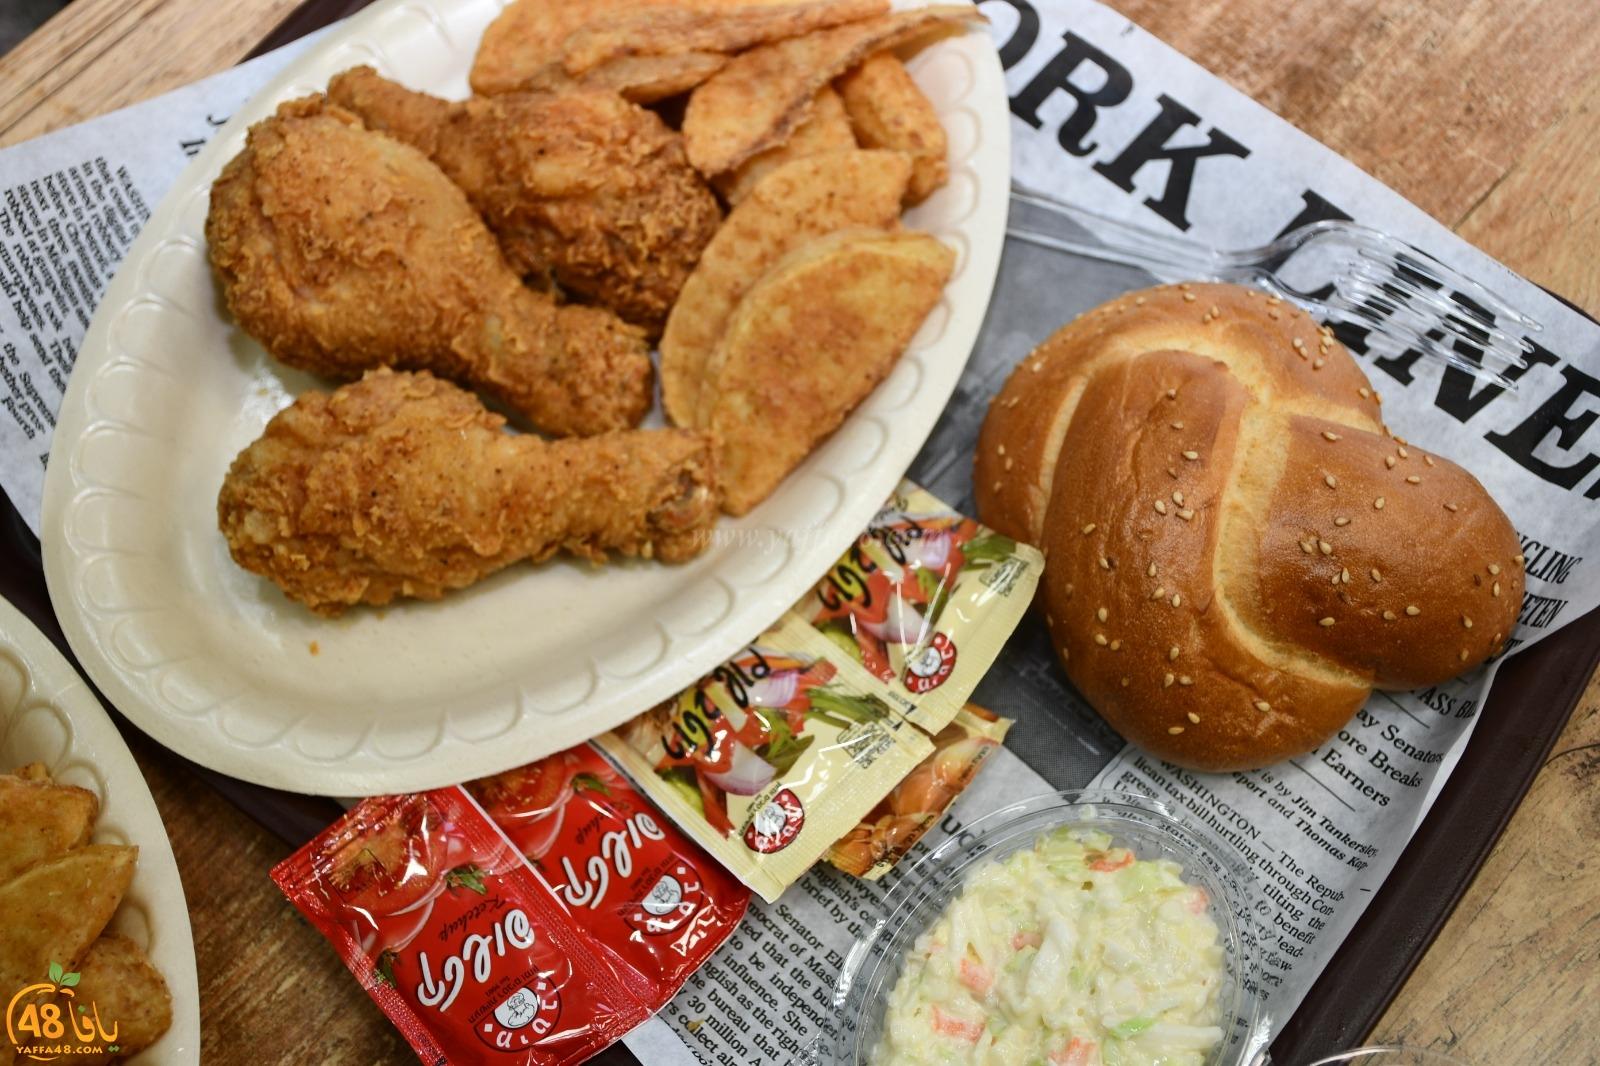 جديد - وجبات كنتاكي الشهيّة متوفرّة الآن لدى مطعم بالي بجيت بيافا